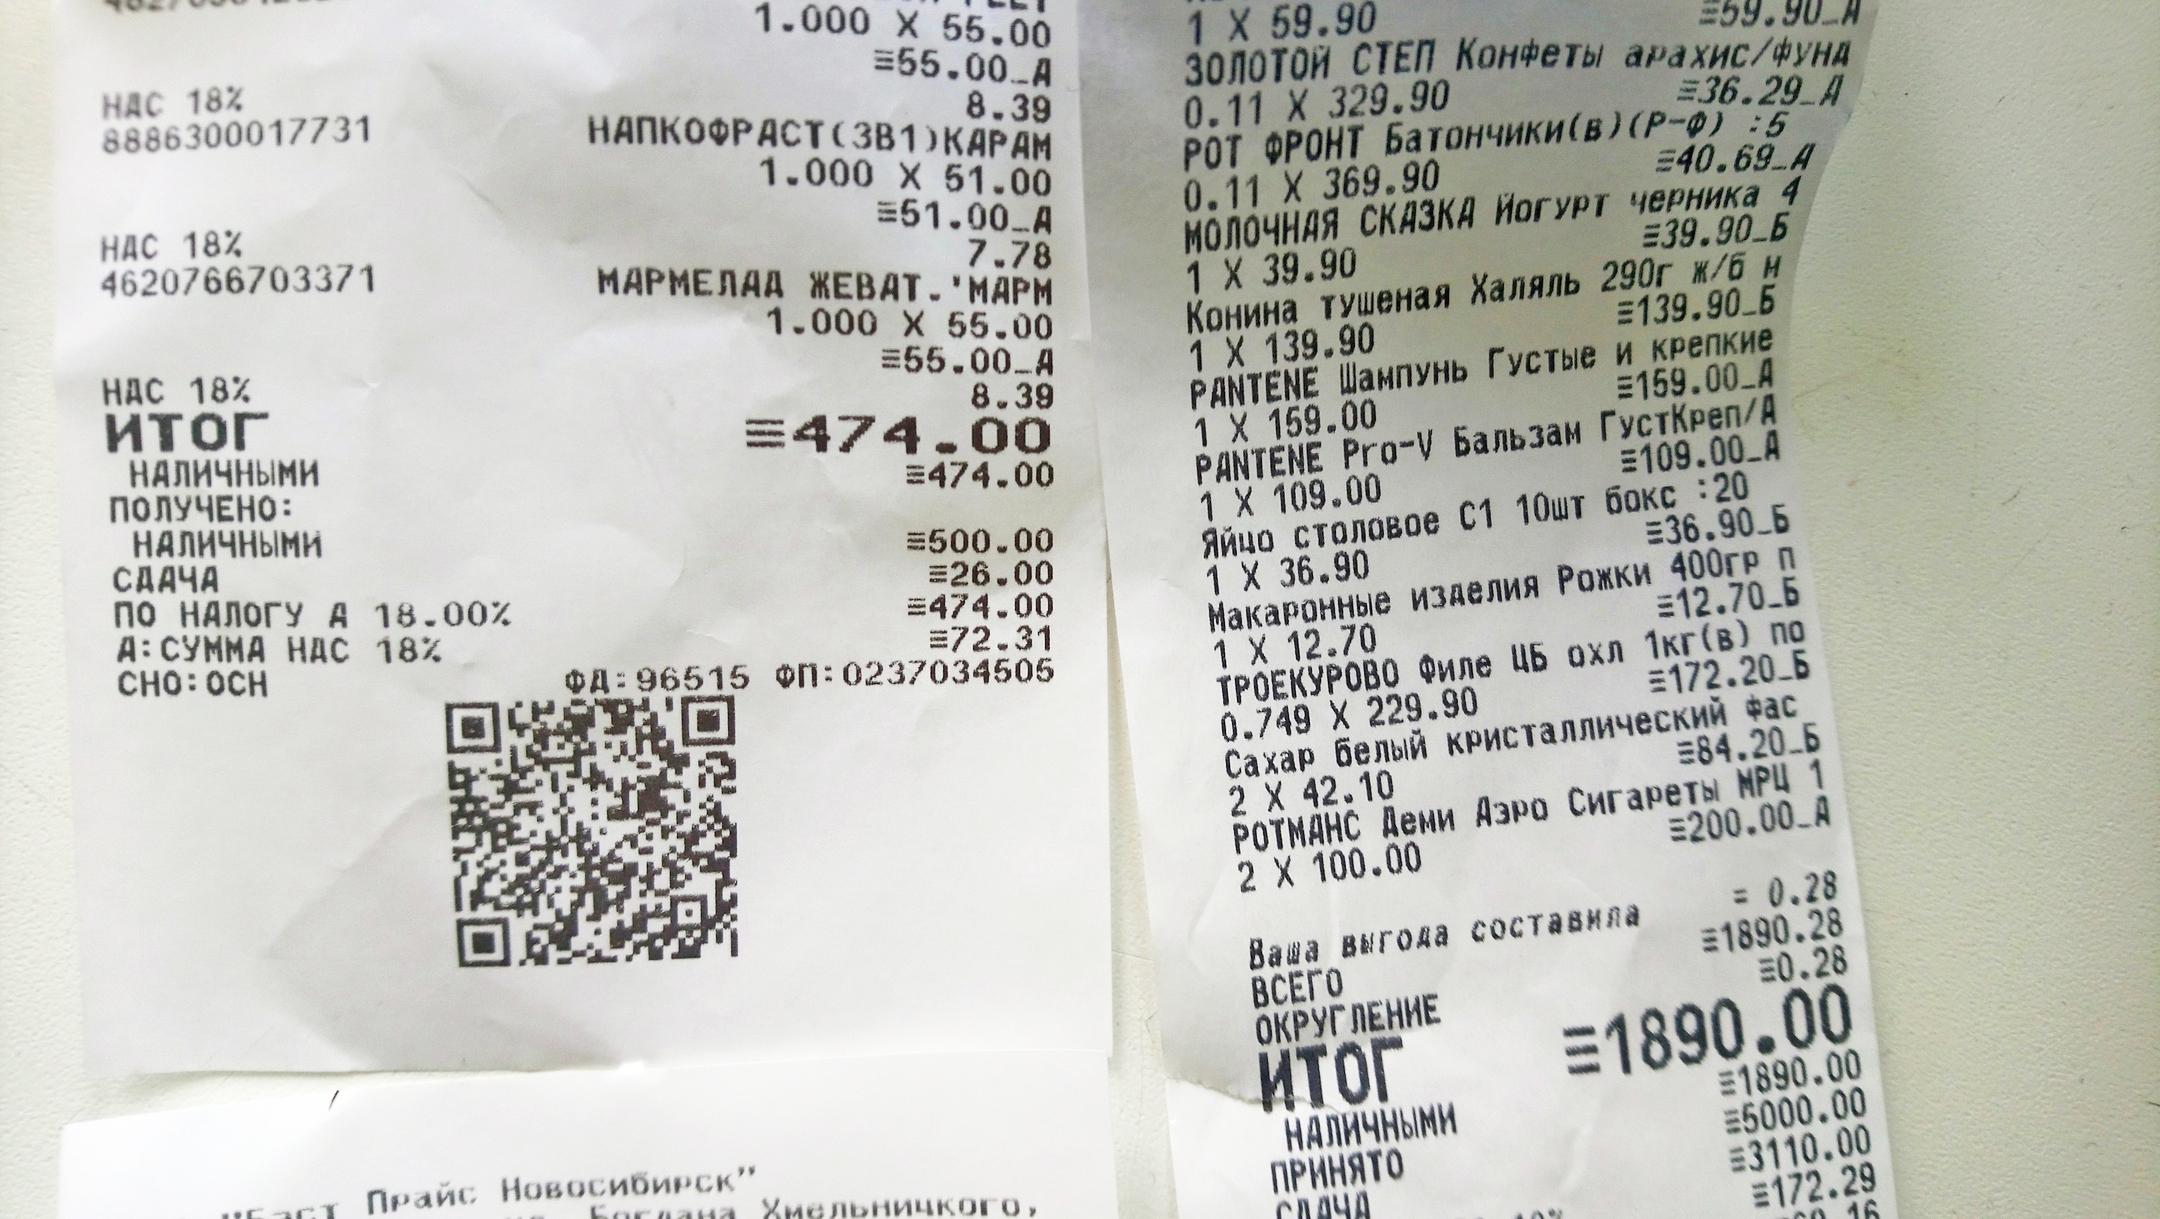 Маргарита Корболина прислала чеки после своего похода в магазин